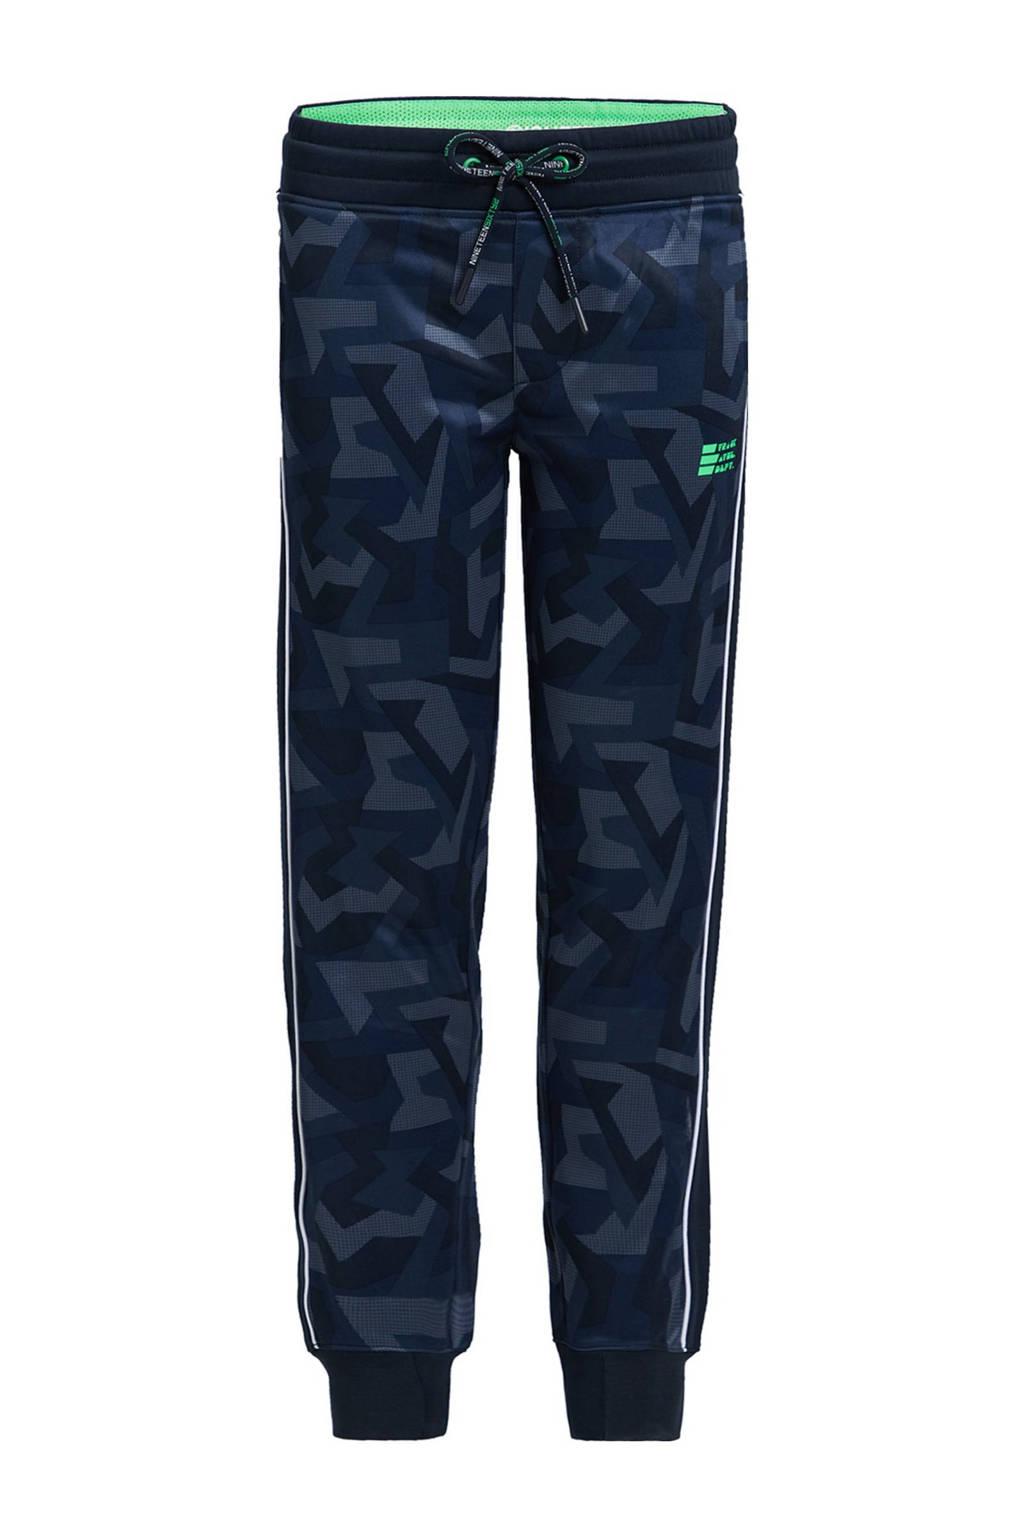 WE Fashion regular fit joggingbroek met zijstreep donkerblauw, Donkerblauw